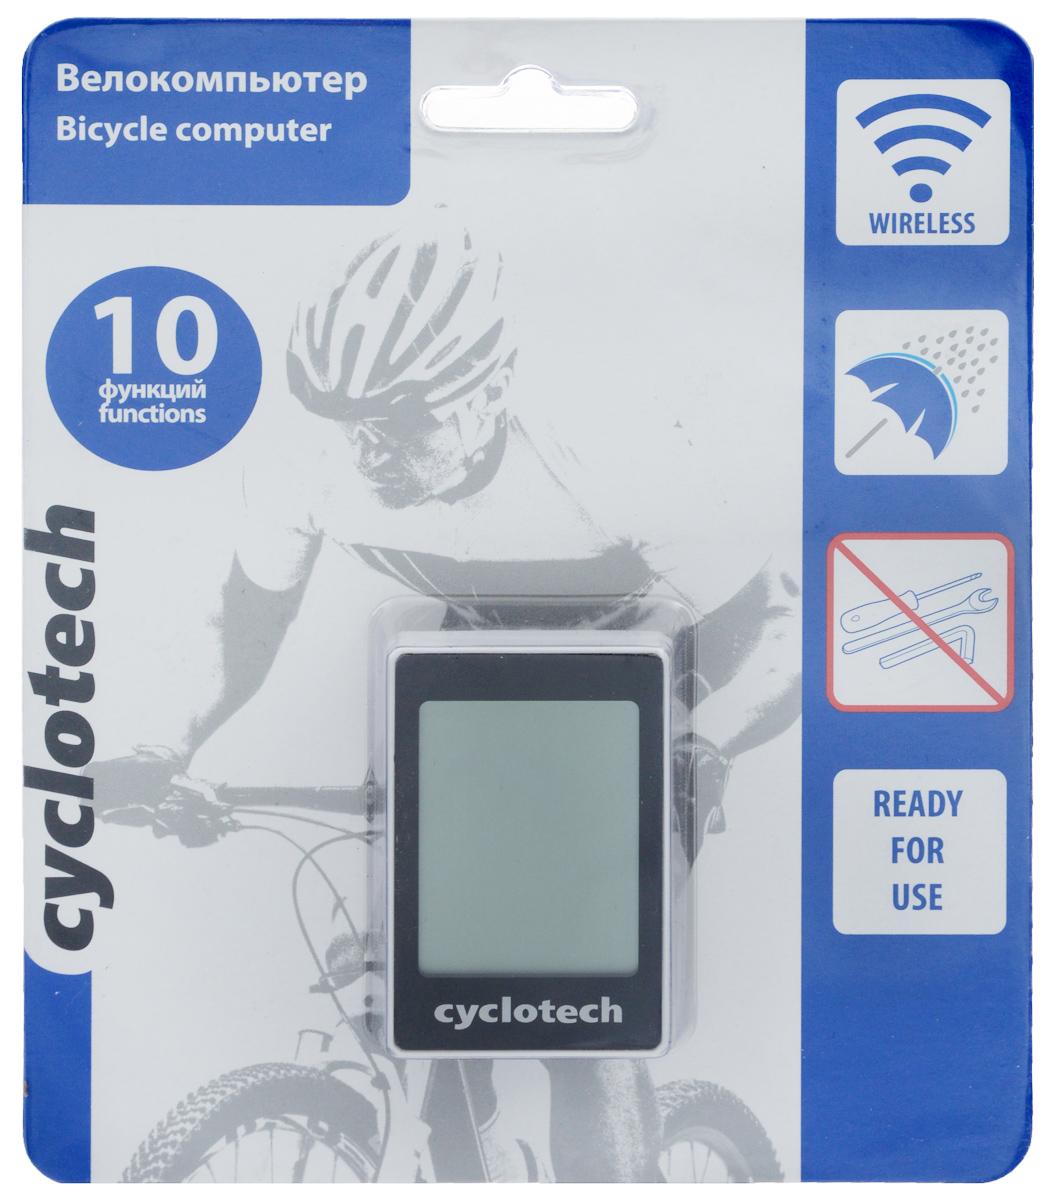 Велокомпьютер Cyclotech, 10 функций15-333-25Беспроводной велокомпьютер Cyclotech оснащен 10 функциями и предназначен для использования при занятиях велоспортом. Это удобный и простой в использовании электронный прибор, предоставляющий велосипедисту всю необходимую информацию о поездке. Велокомпьютер крепится на руле с возможностью мгновенно отсоединить его, когда нет желания оставлять на велосипеде без присмотра или под дождем. Функции: сравнение скоростей; индикатор низкой зарядки батарей; режим сканирования; память на два велосипеда; автоматическое выключение; часы; режим энергосбережения; время текущей поездки; расчет экономии СО2.